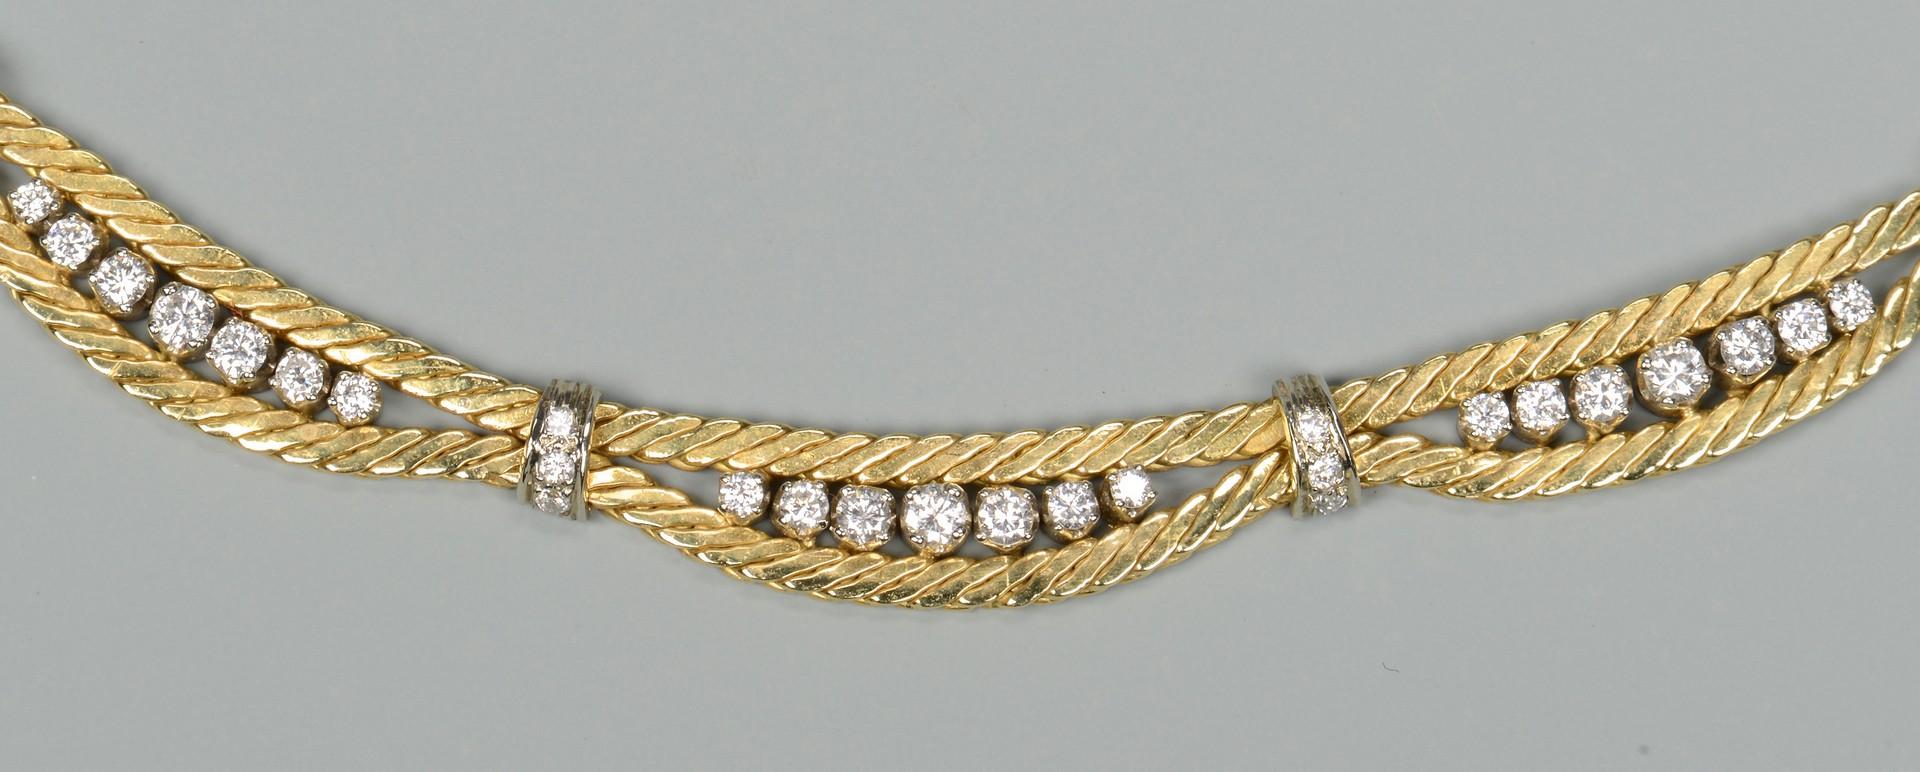 Lot 94: 18k Diamond Necklace, 1.88 cts